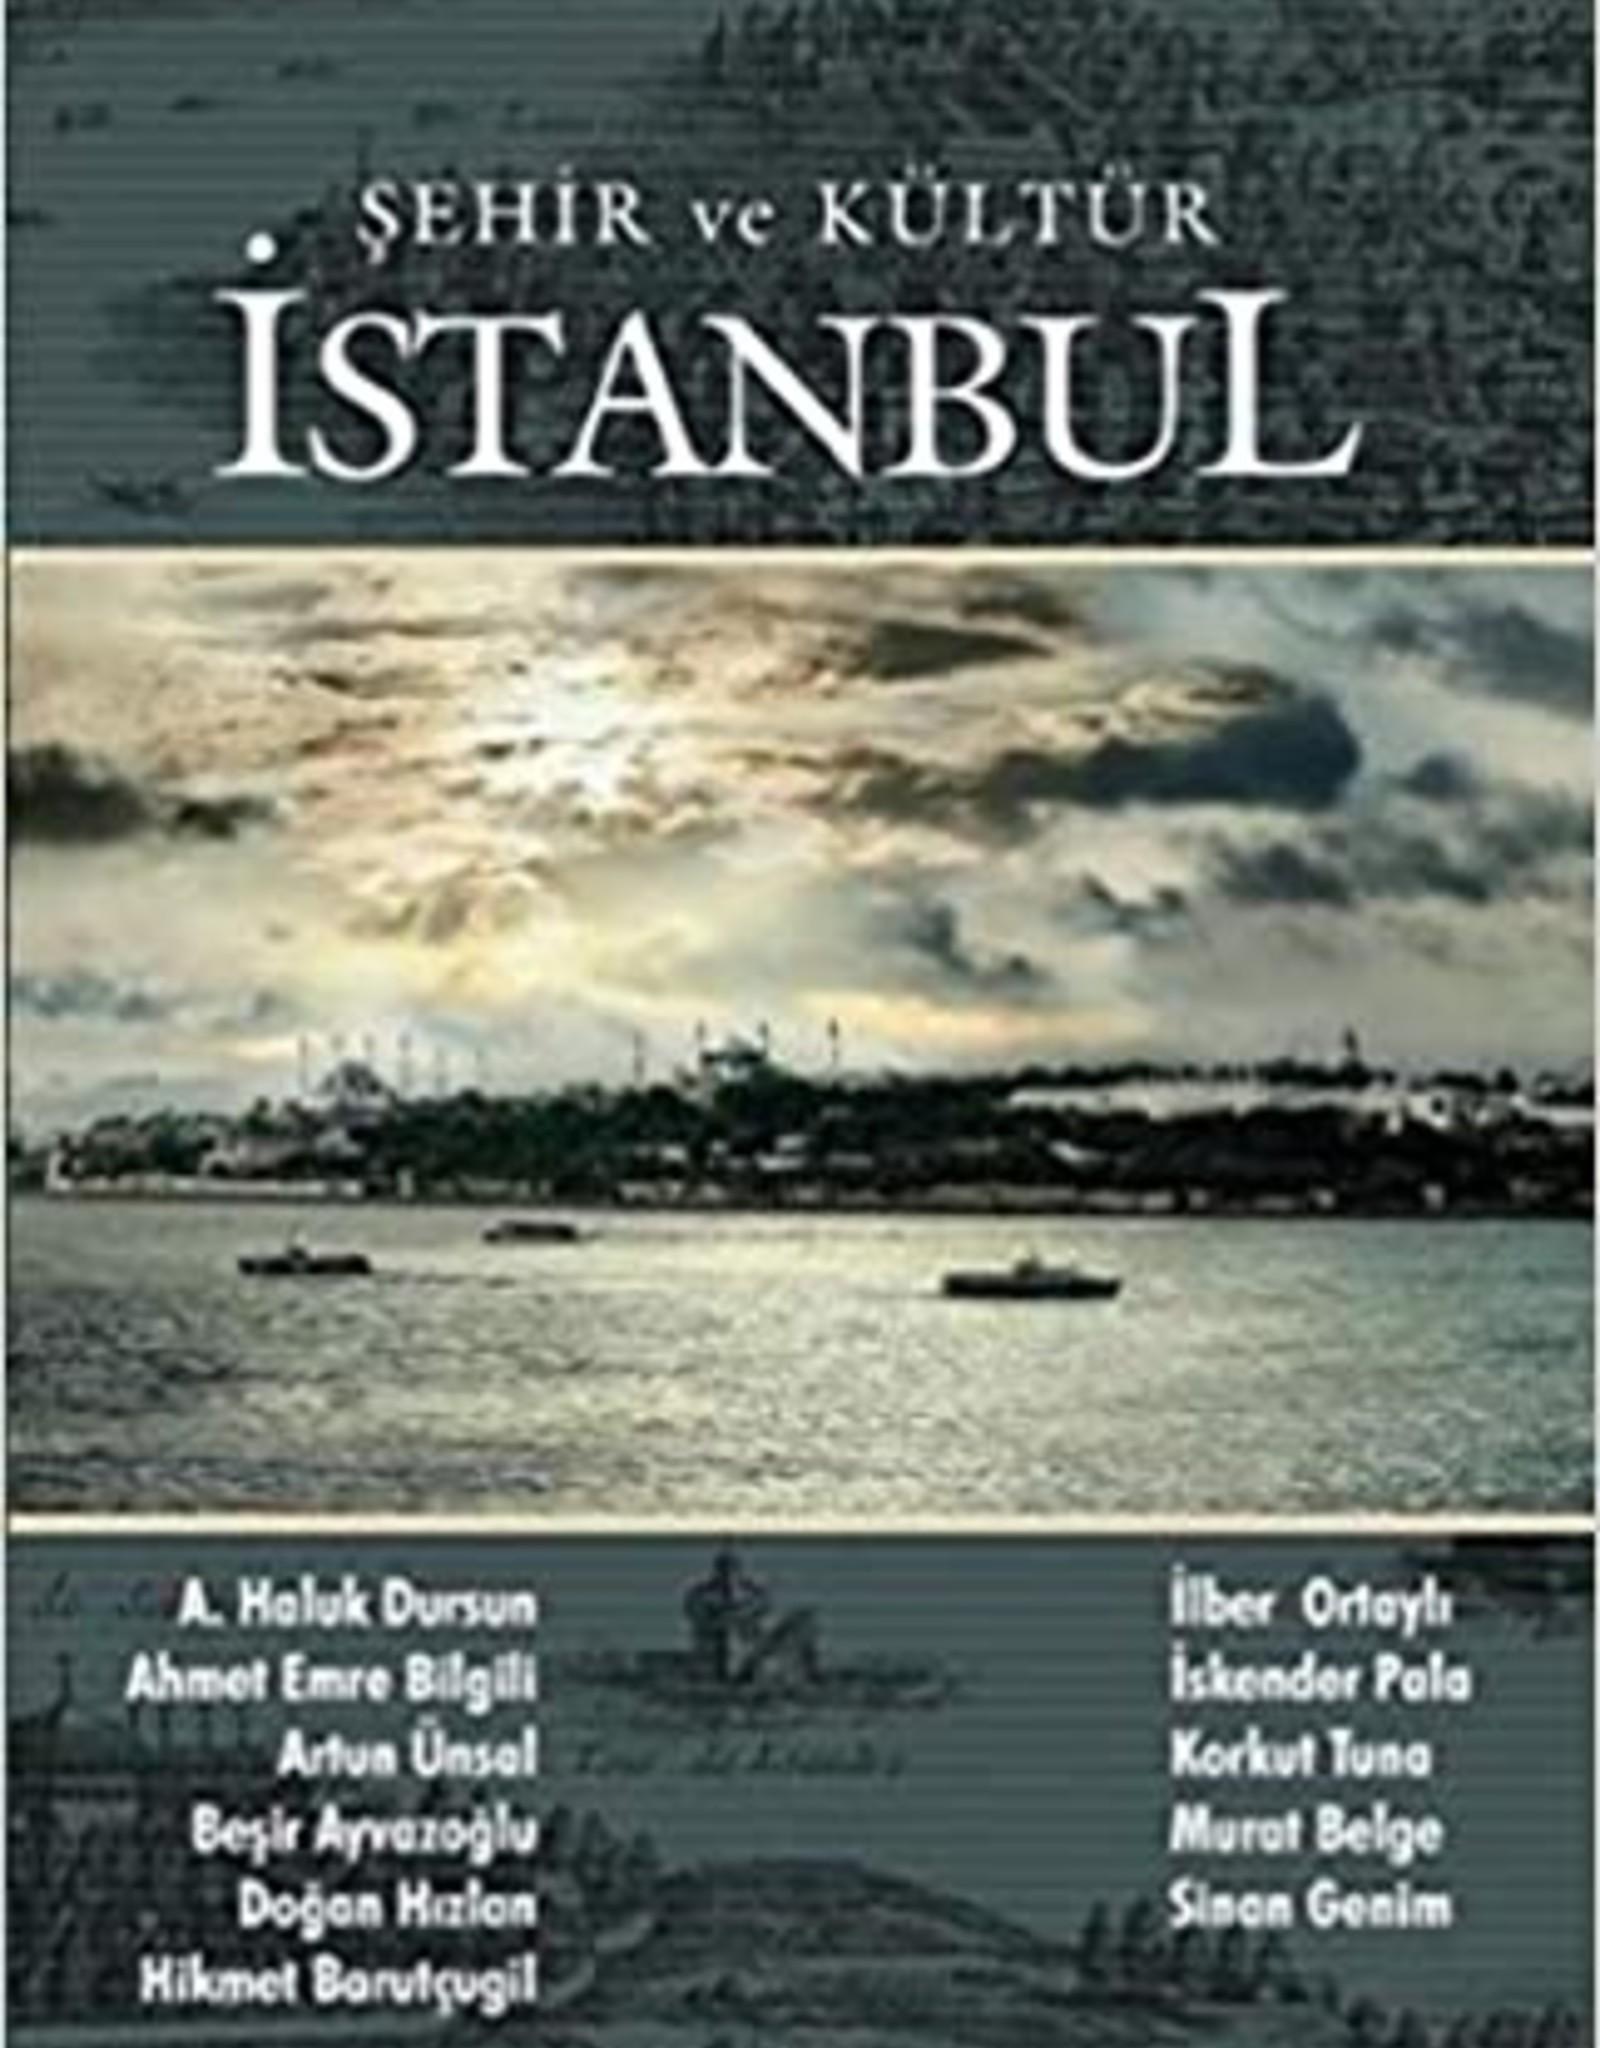 Sehir ve Kültür Istanbul